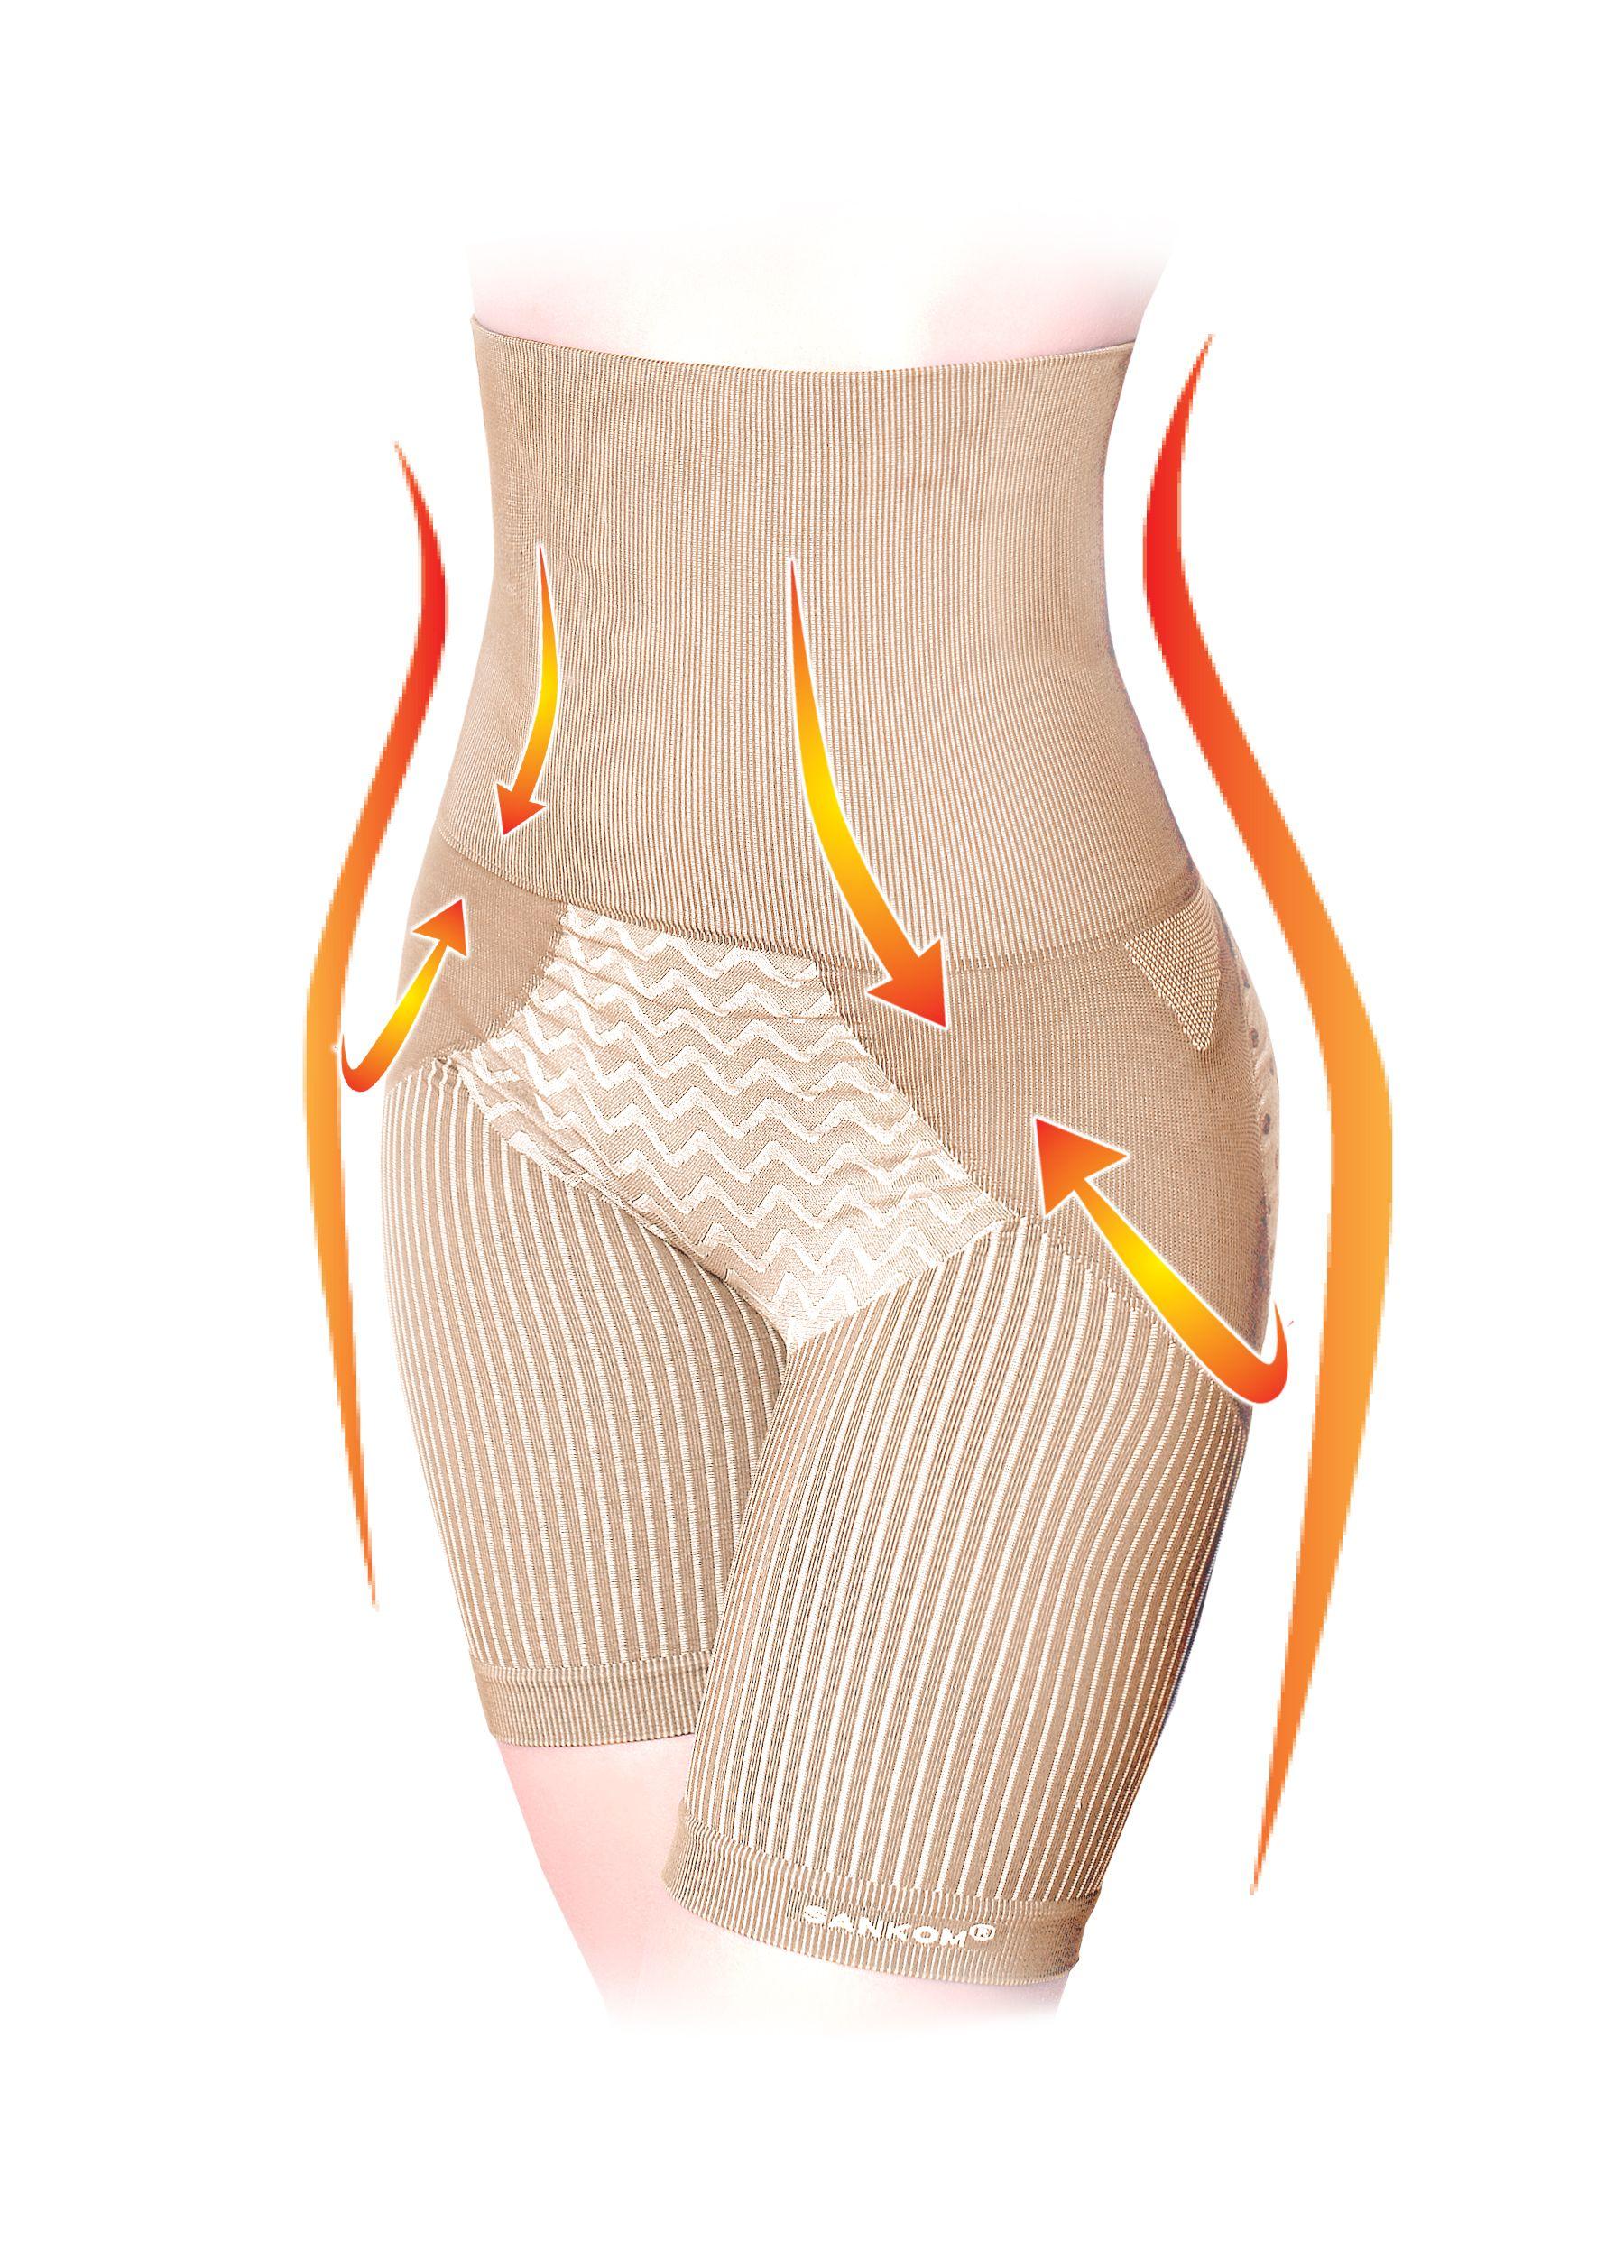 abee18b979a3e Women s SANKOM Shaper - Cooling Shorts Women s Shapewear